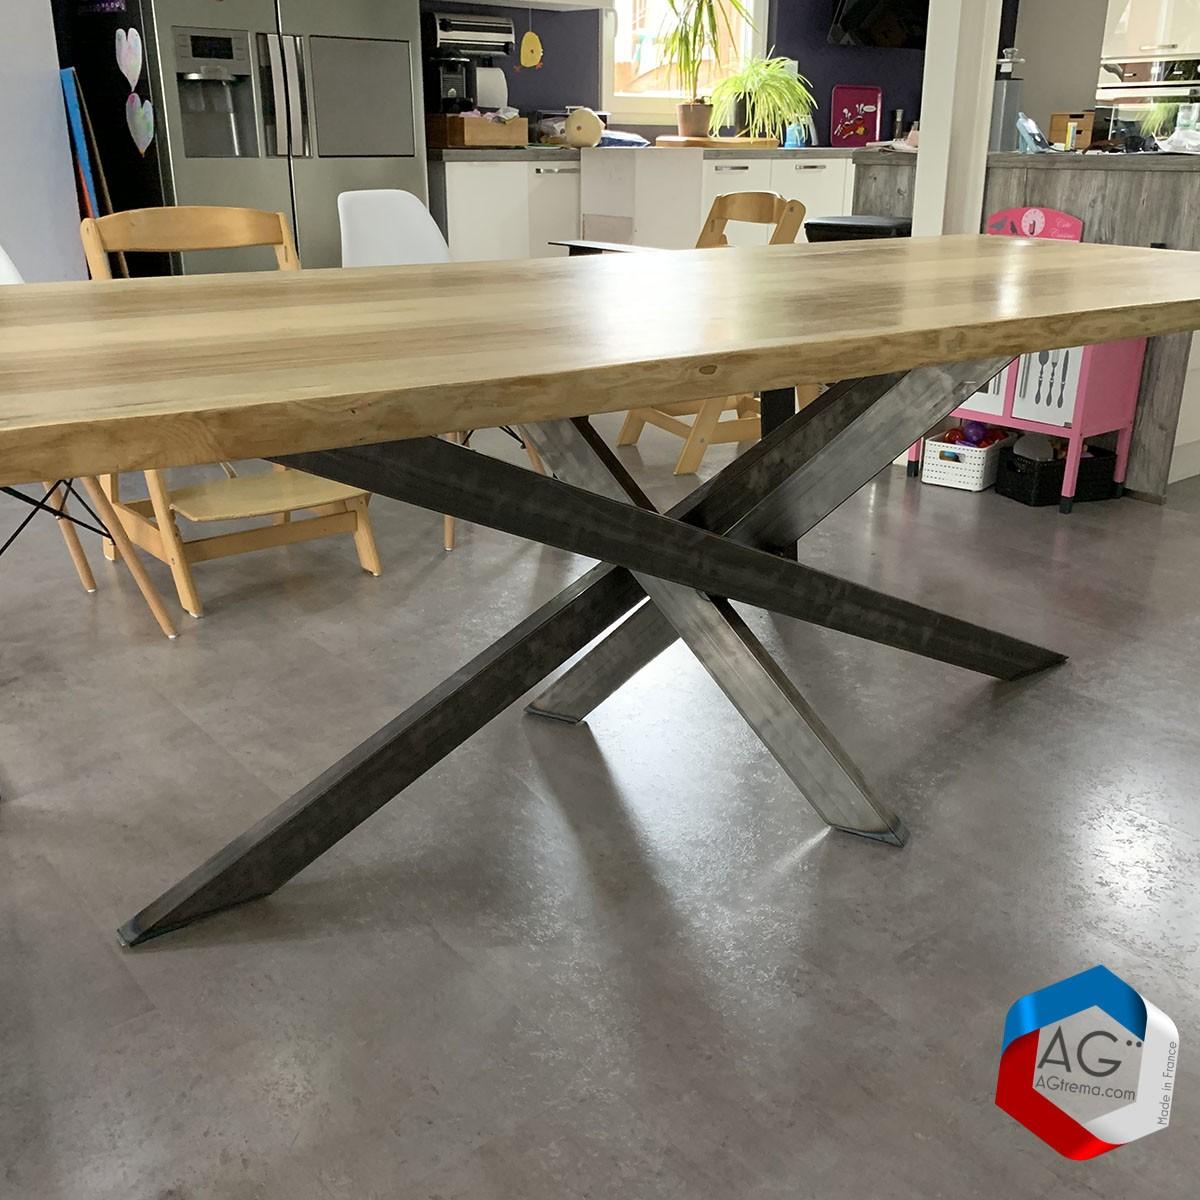 Table live egde plateau bois massif et pieds mikado acier - AGtrema